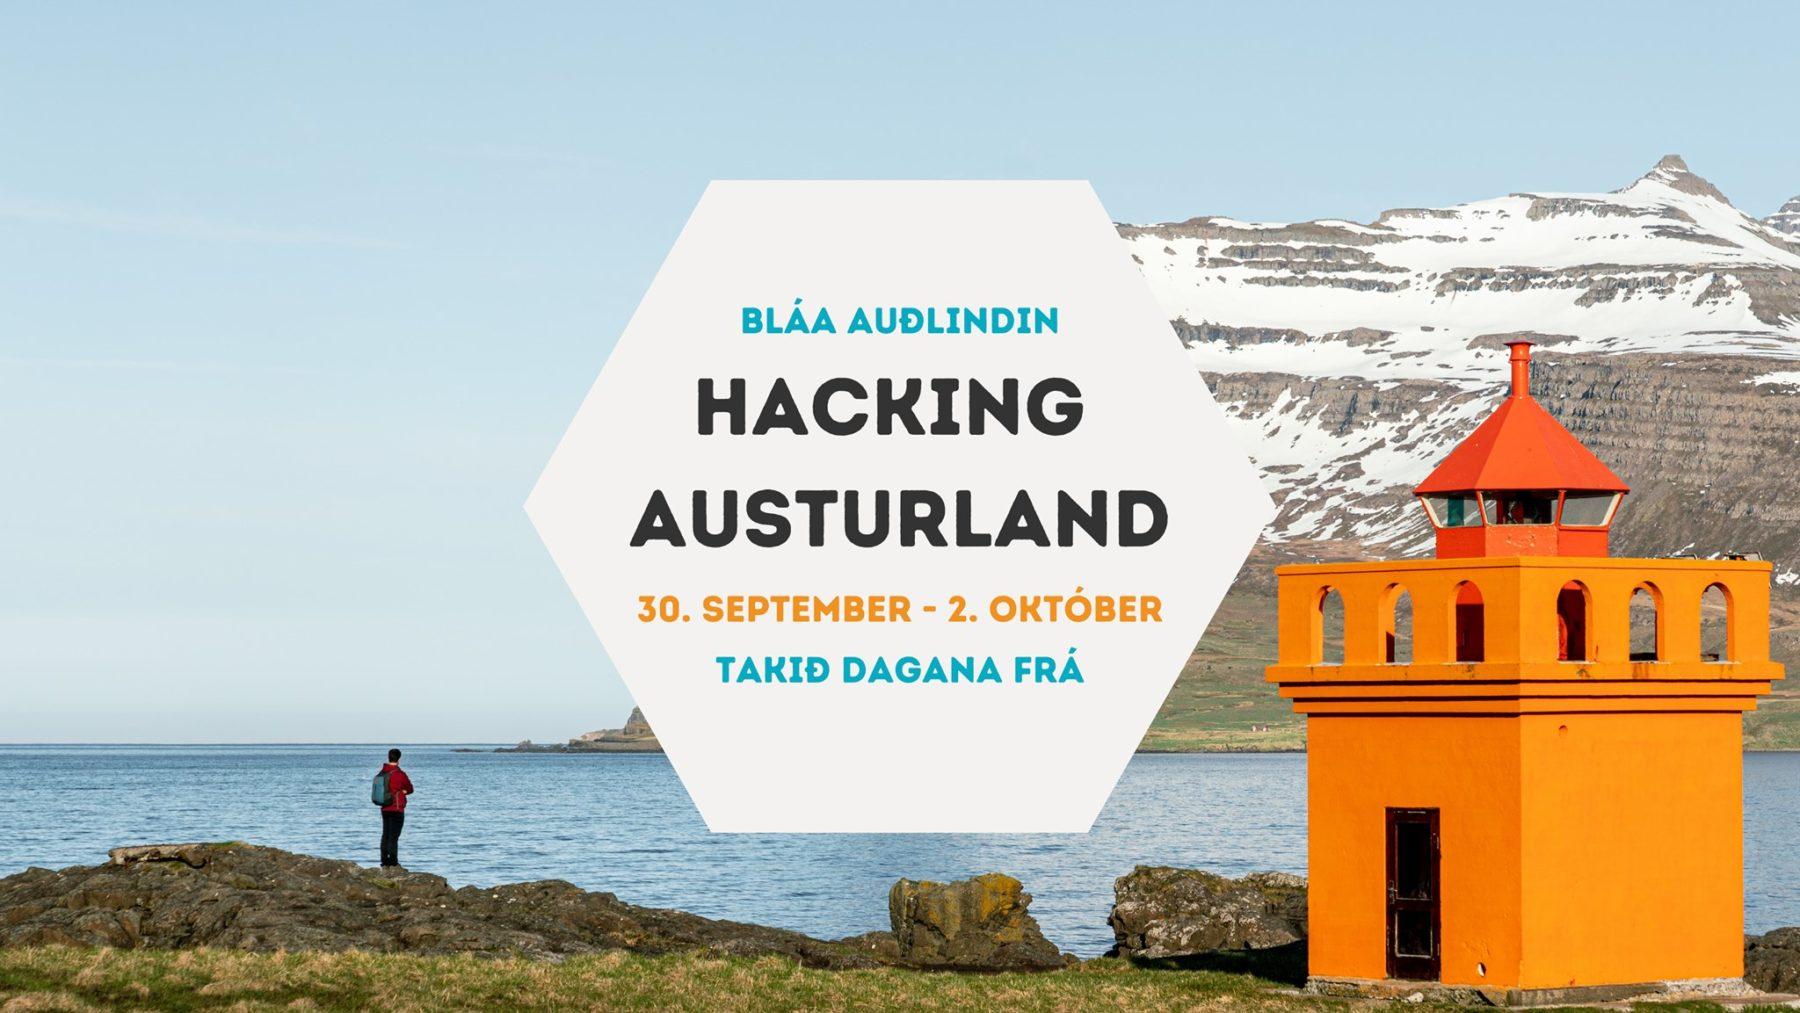 Hacking Austurland auglýsing